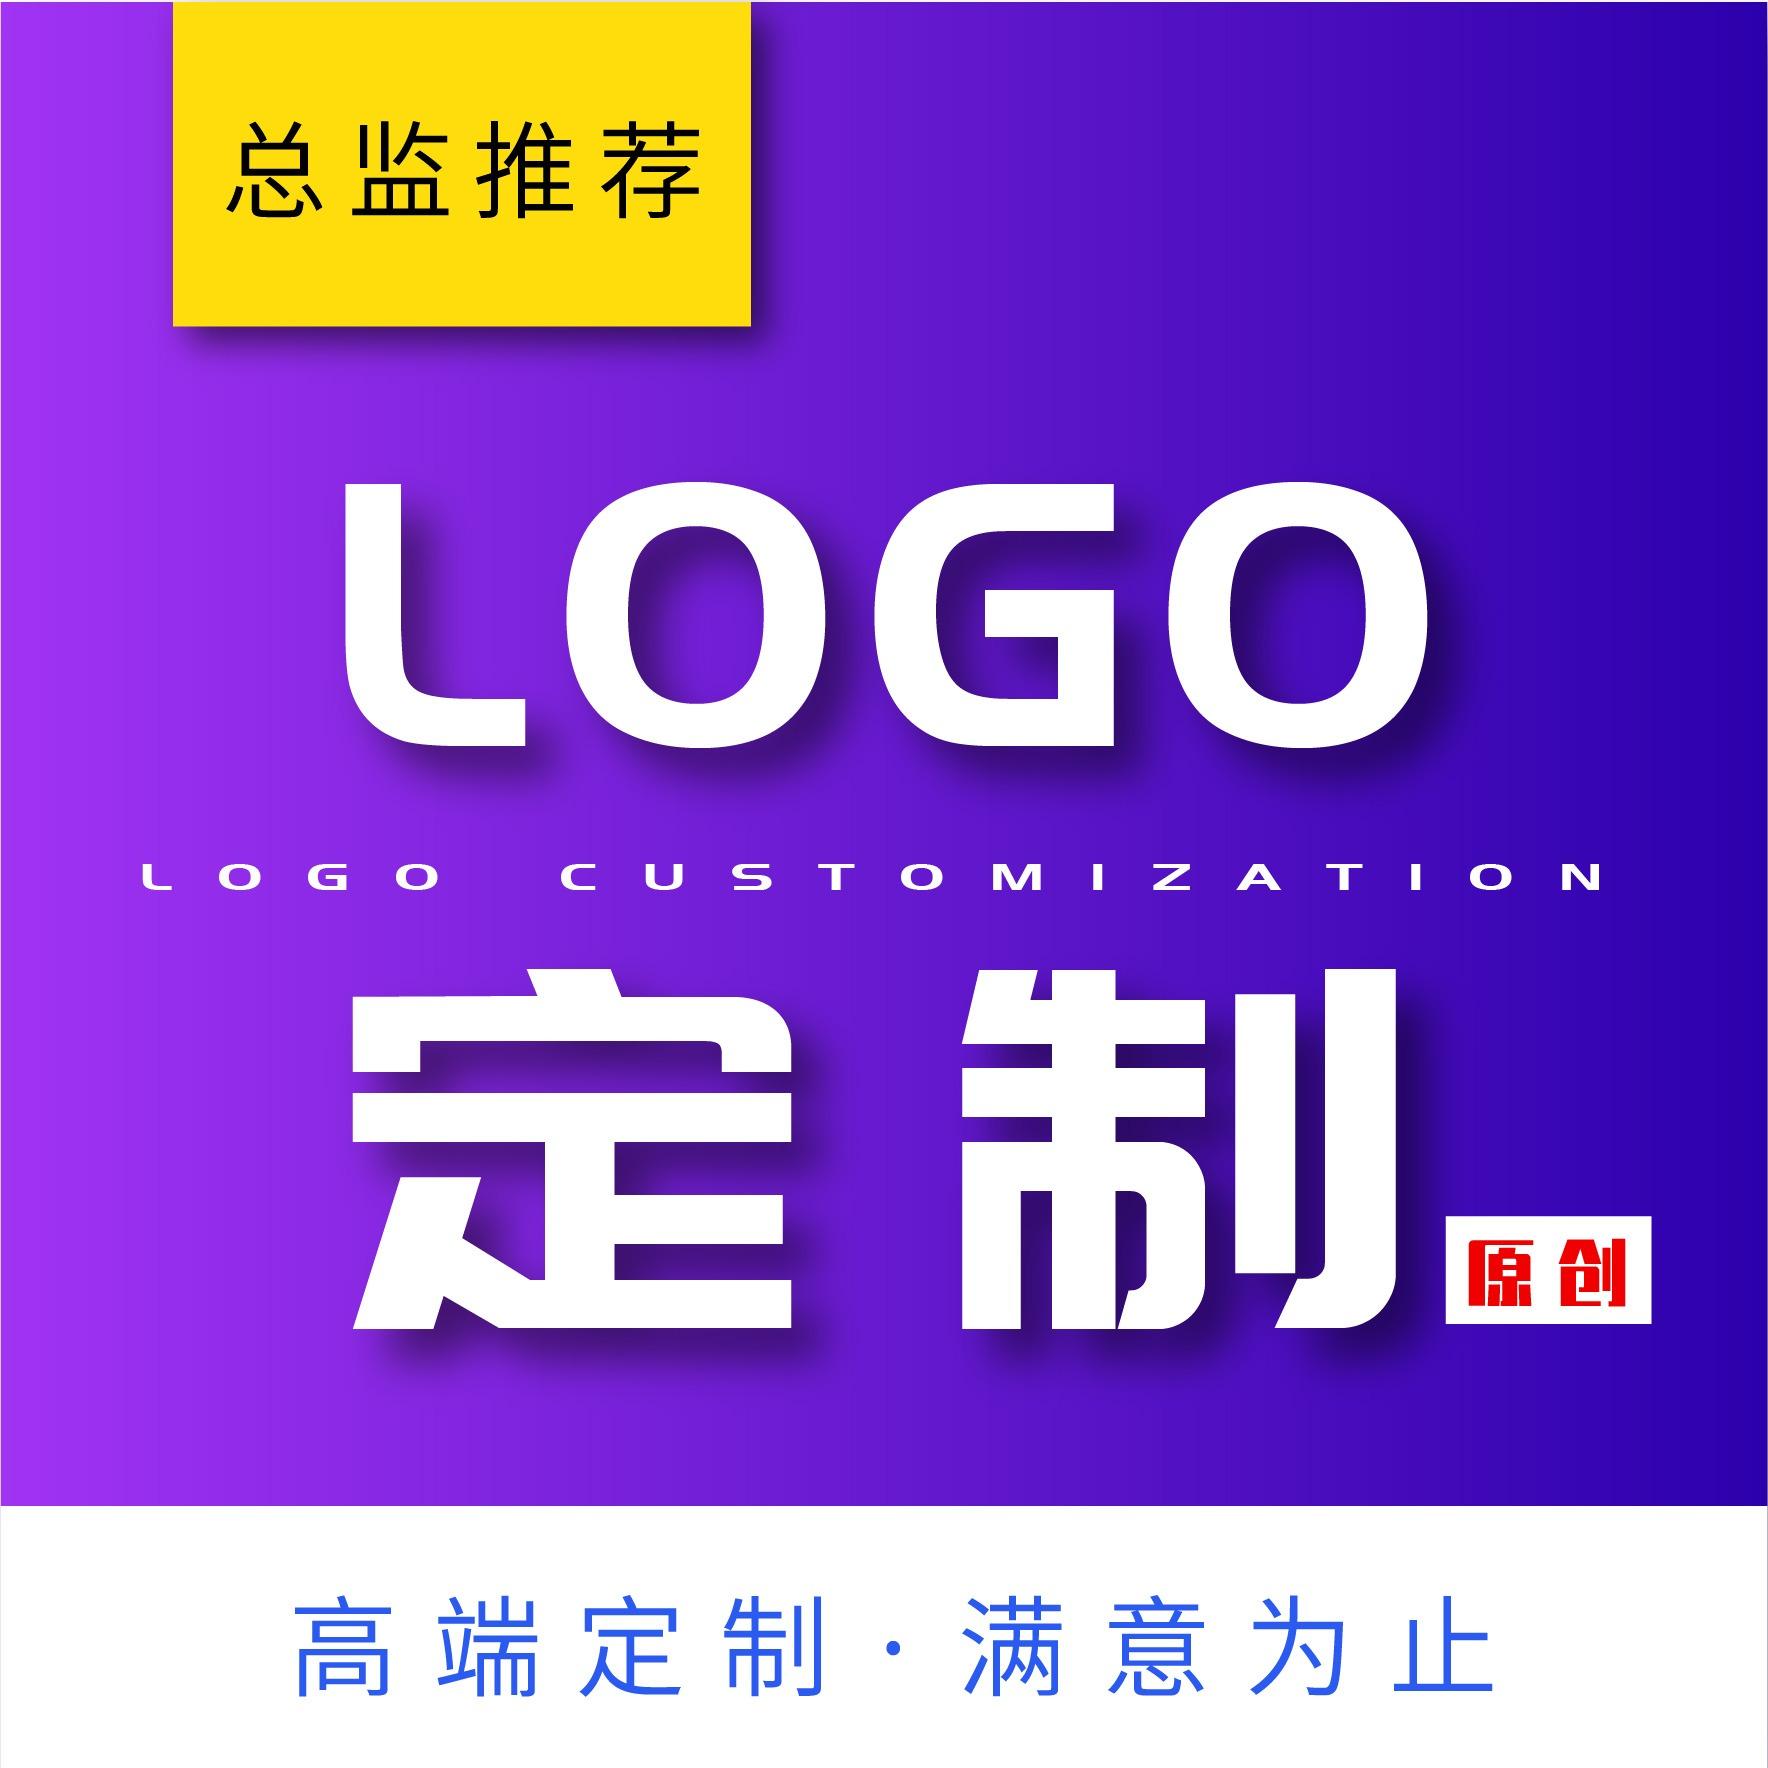 公司企业政府时尚简约中式扁平新潮轻奢素雅大气科技图标LO